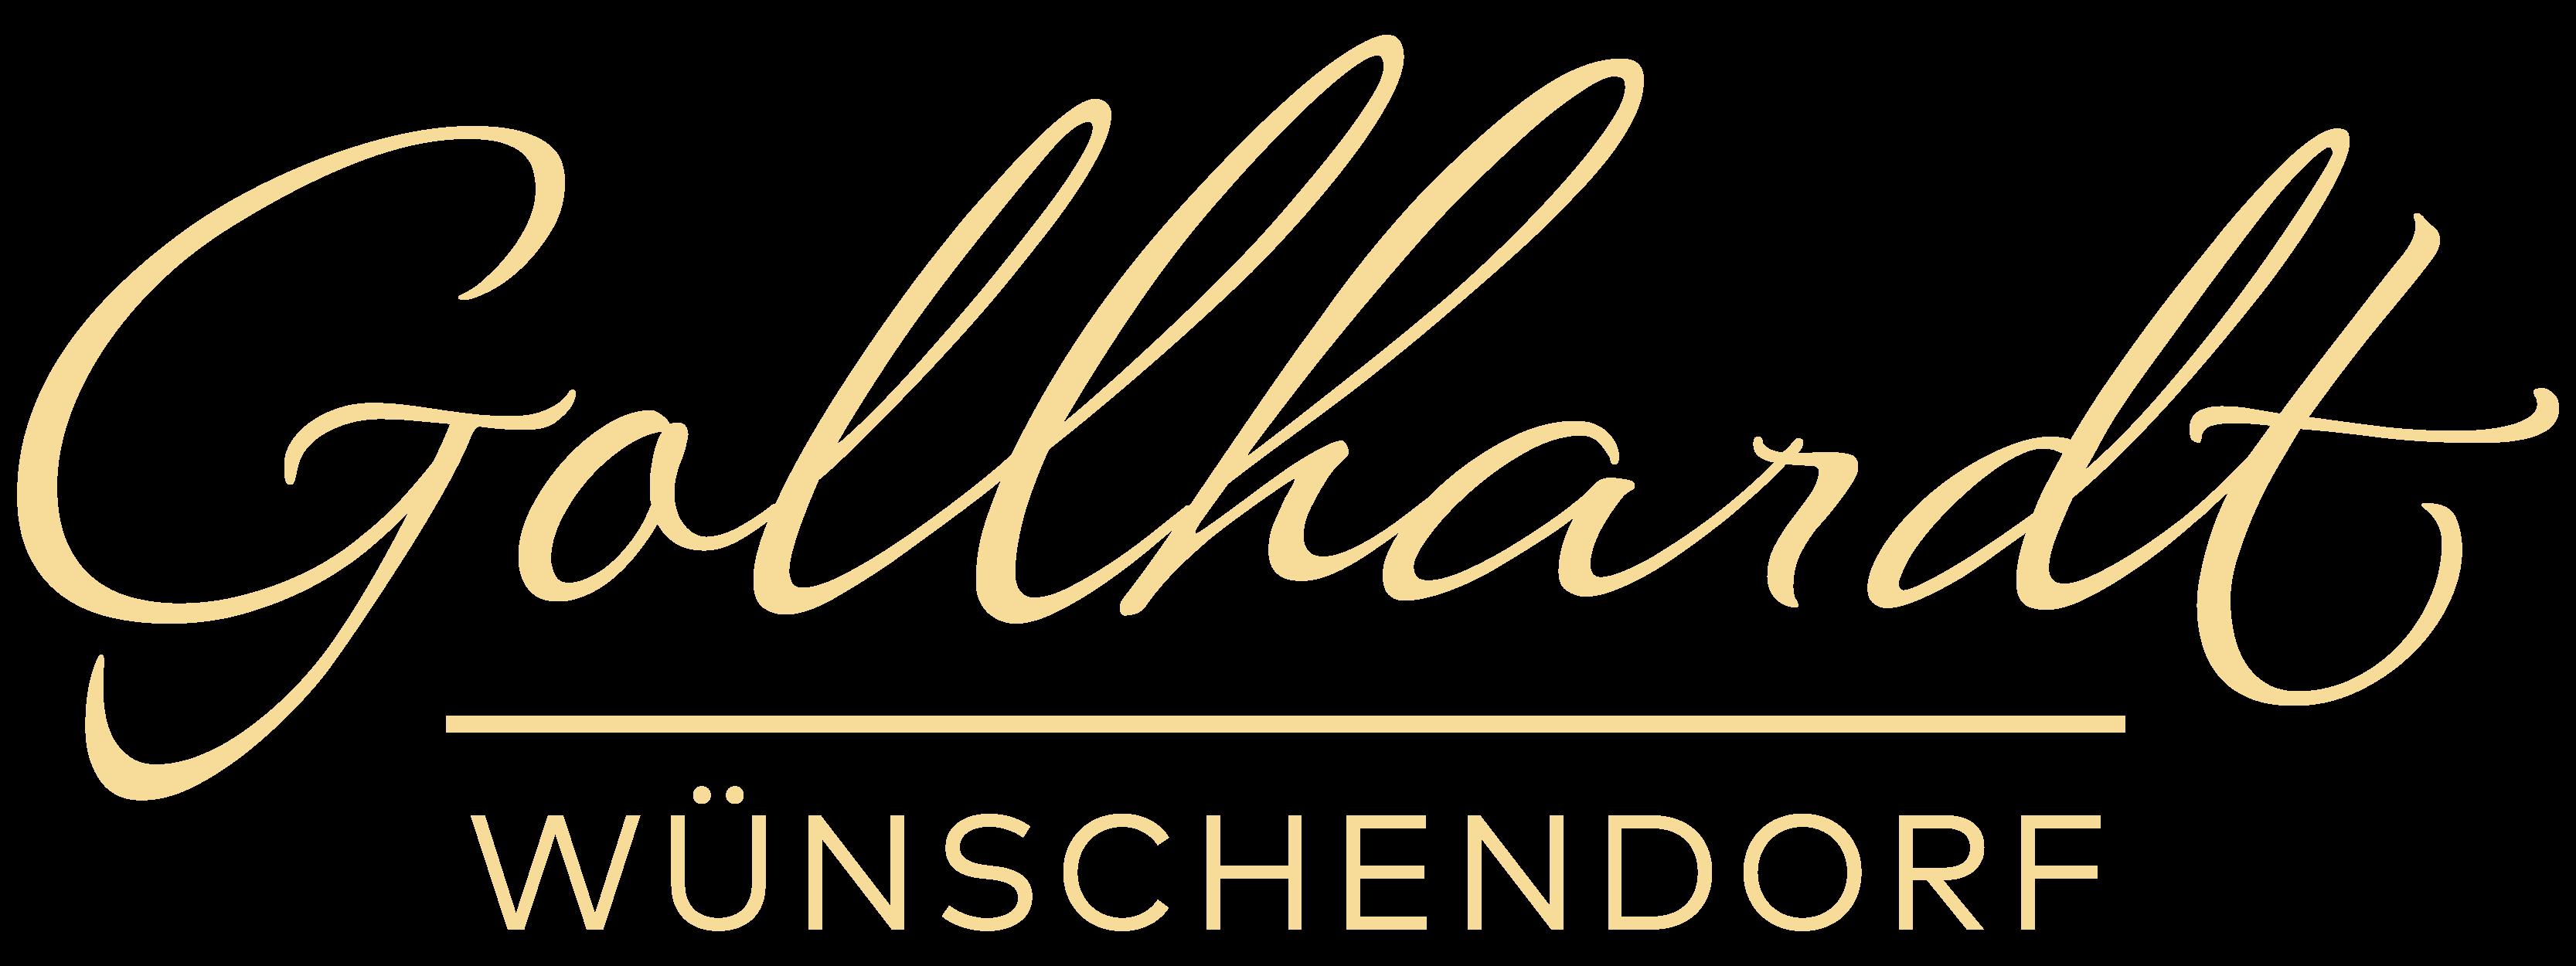 Ferienwohnung Gollhardt, Wünschendorf/Elster, Thüringen